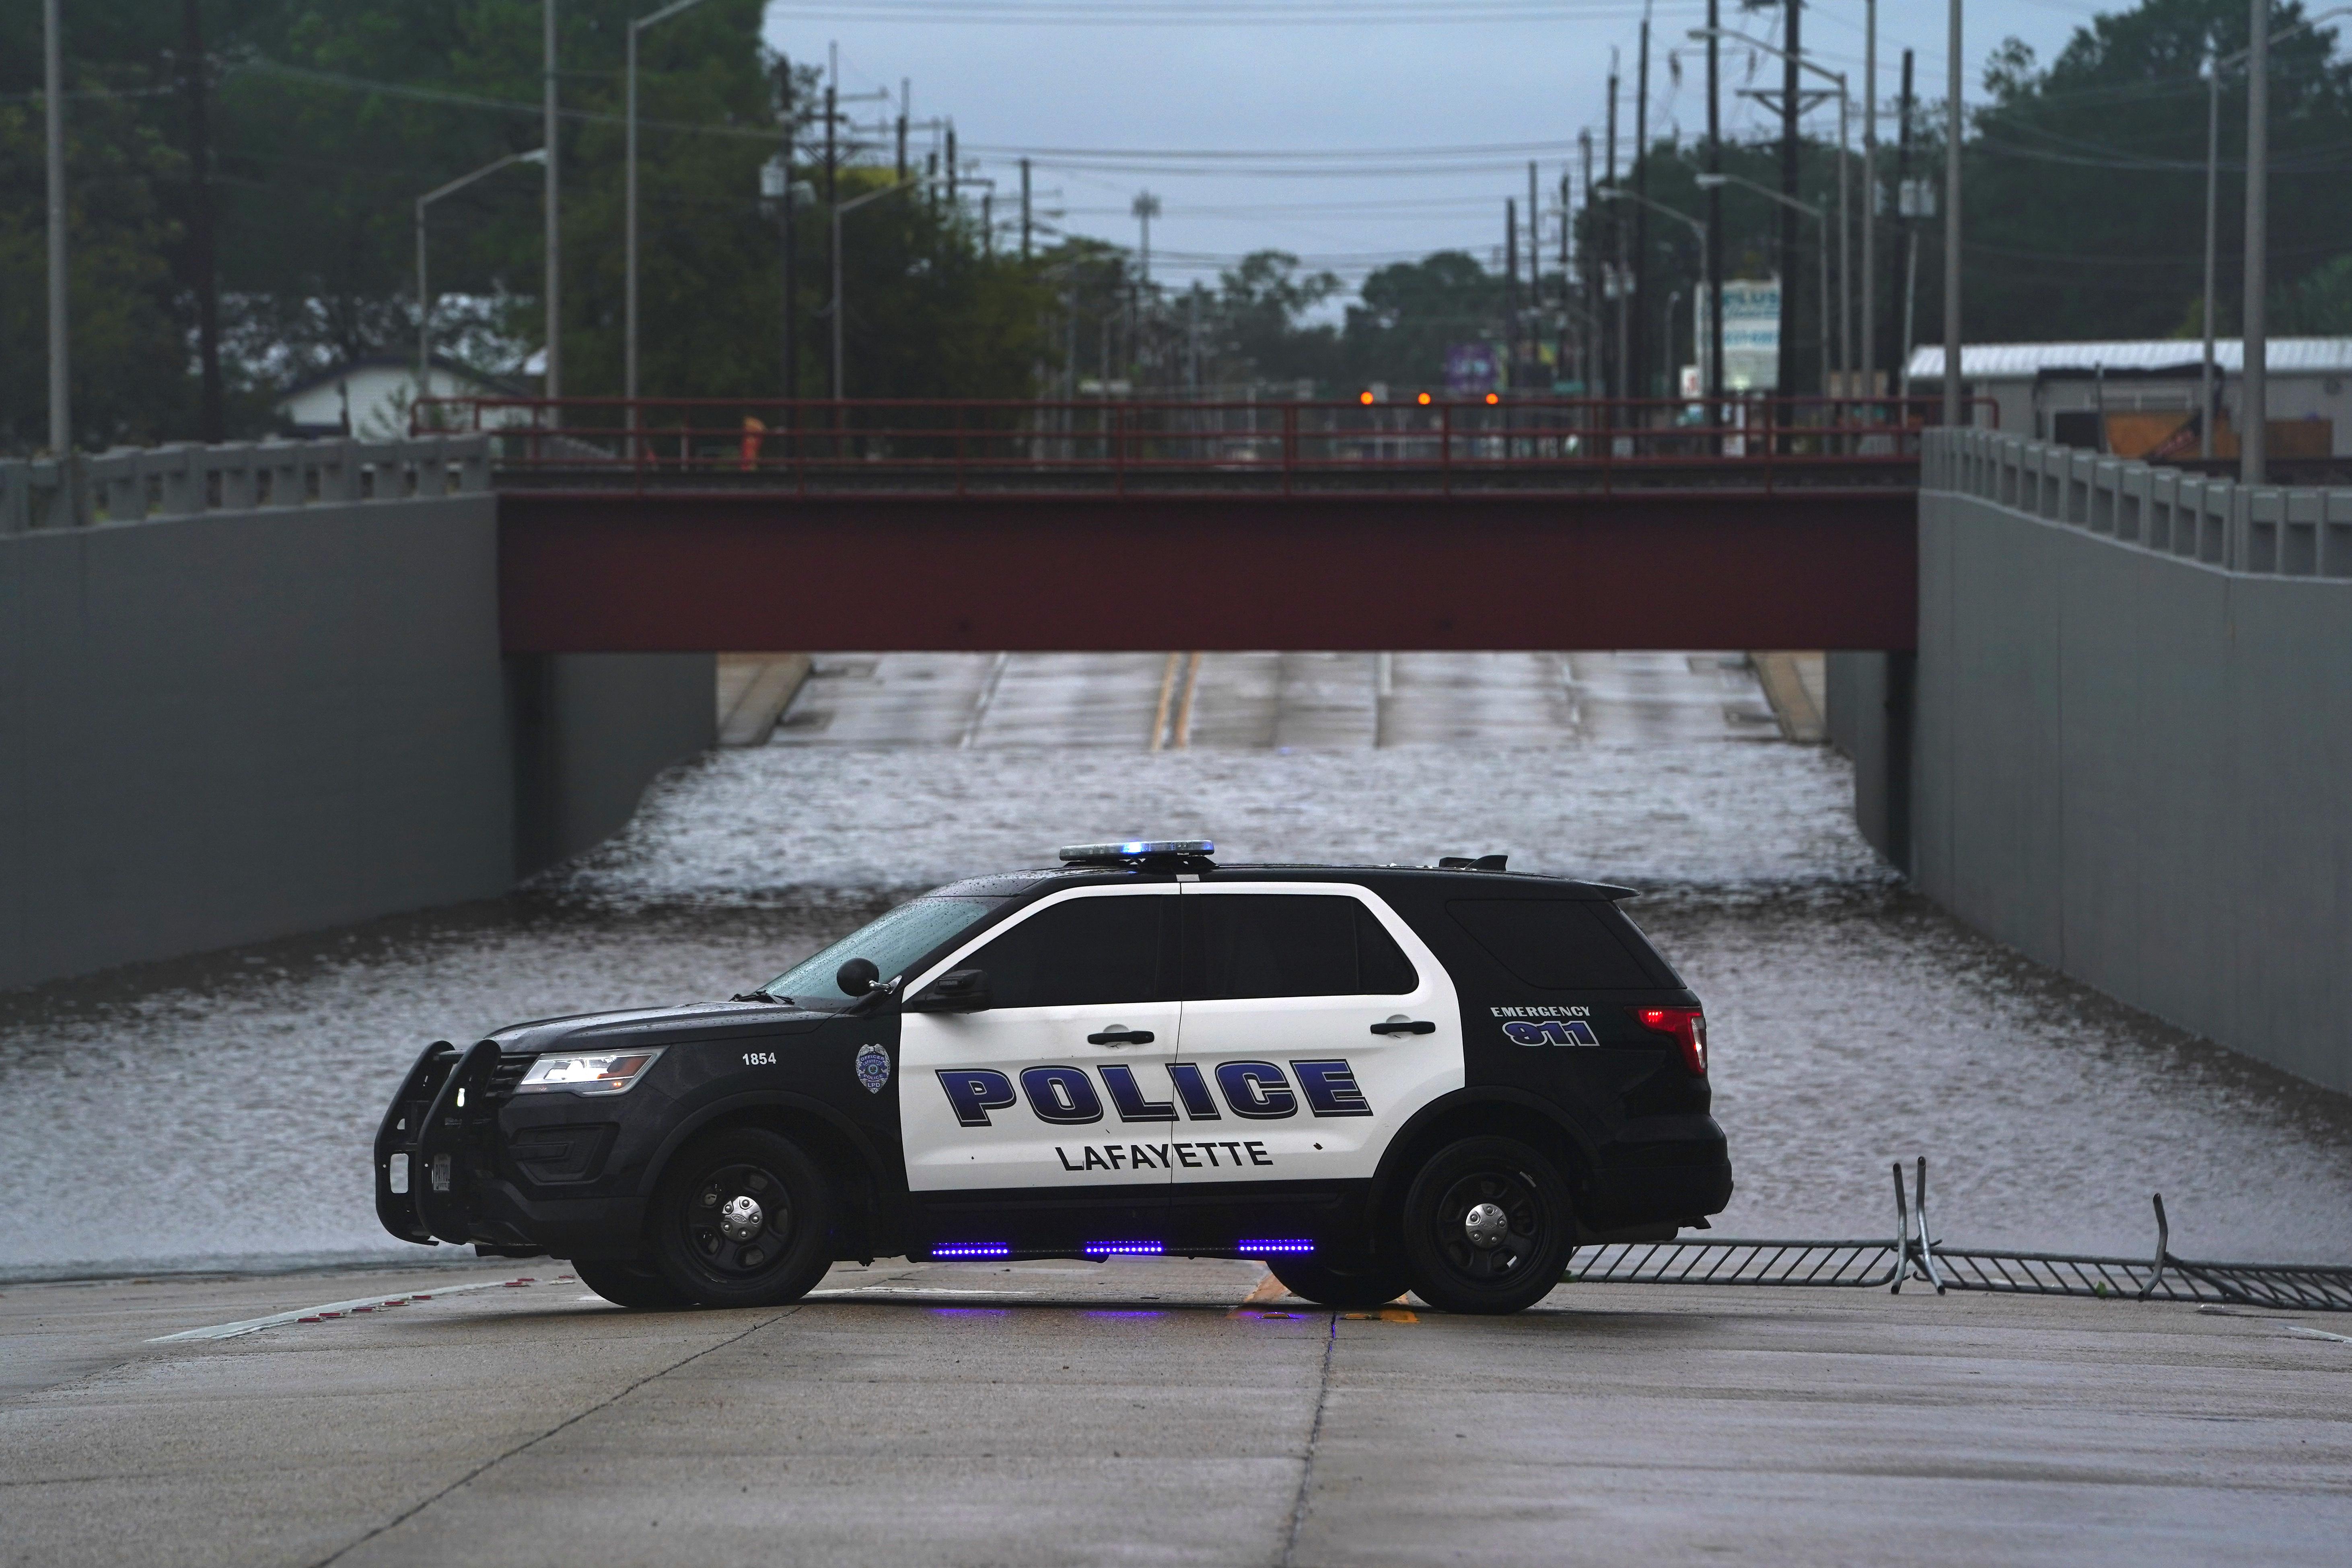 Un vehículo de la policía junto a un paso subterráneo inundado después de que el huracán Laura pasara por Lafayette, Luisiana, el 27 de agosto de 2020 (REUTERS/Elijah Nouvelage)